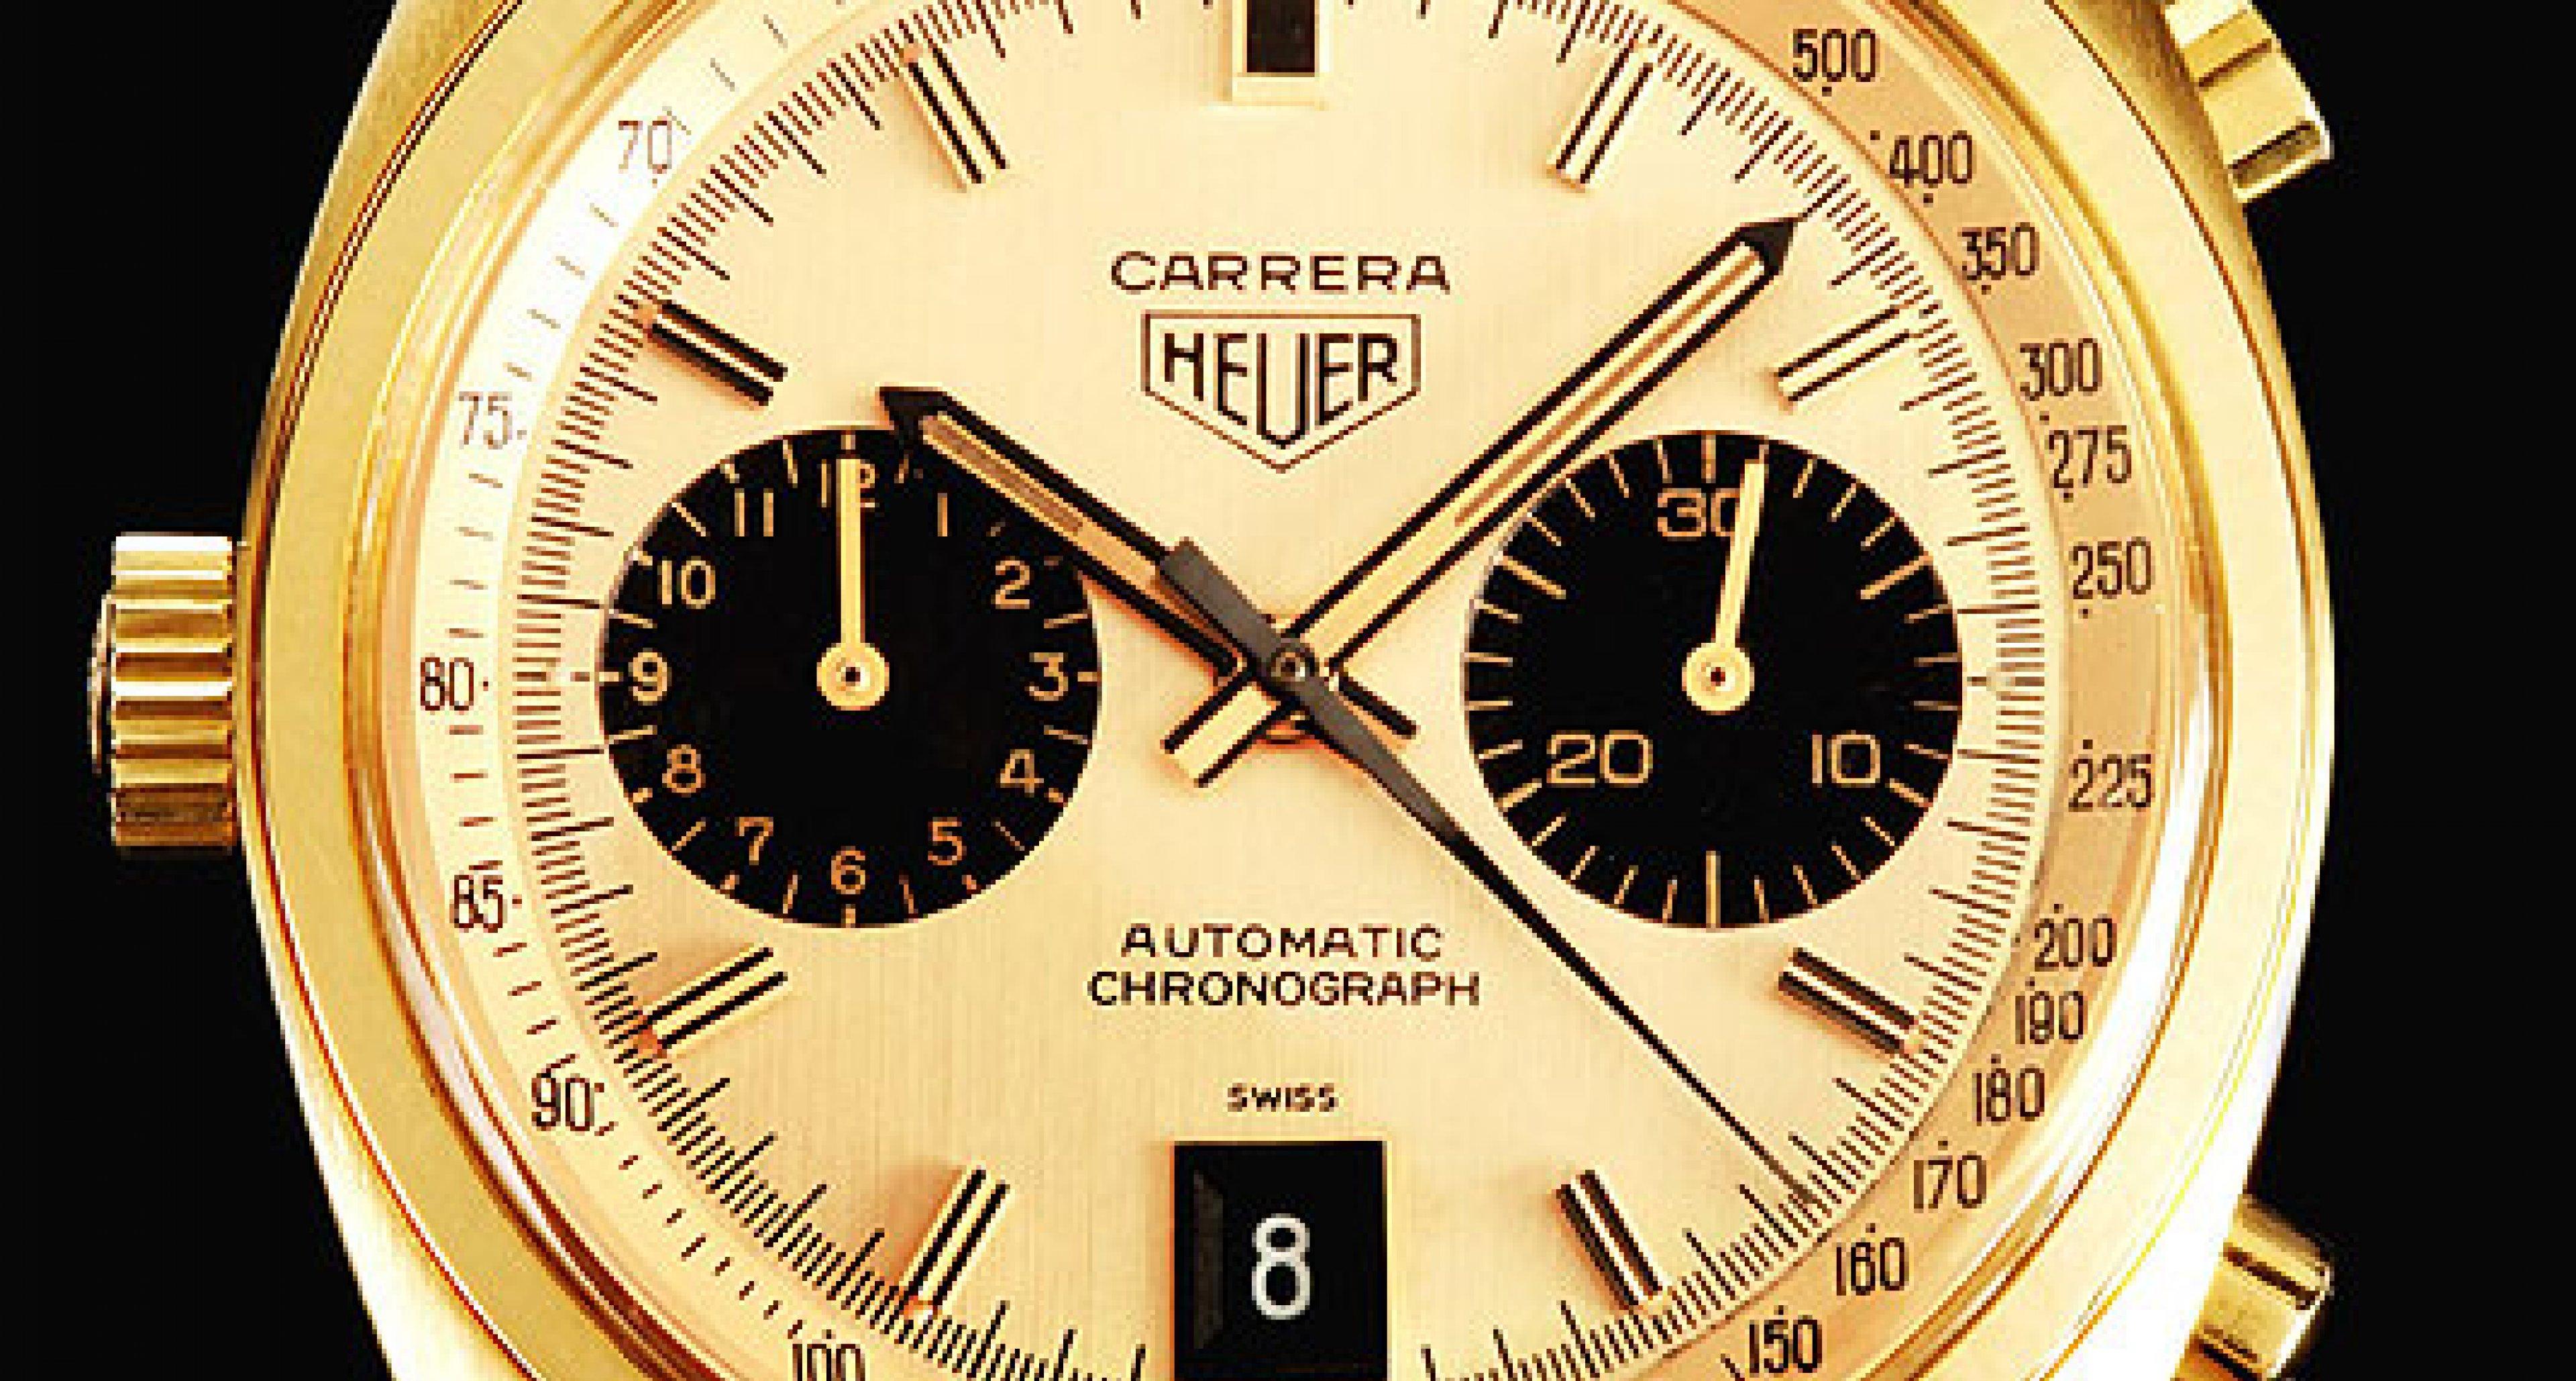 Ikonen der Uhrengeschichte No. 6: Die Carrera von Heuer